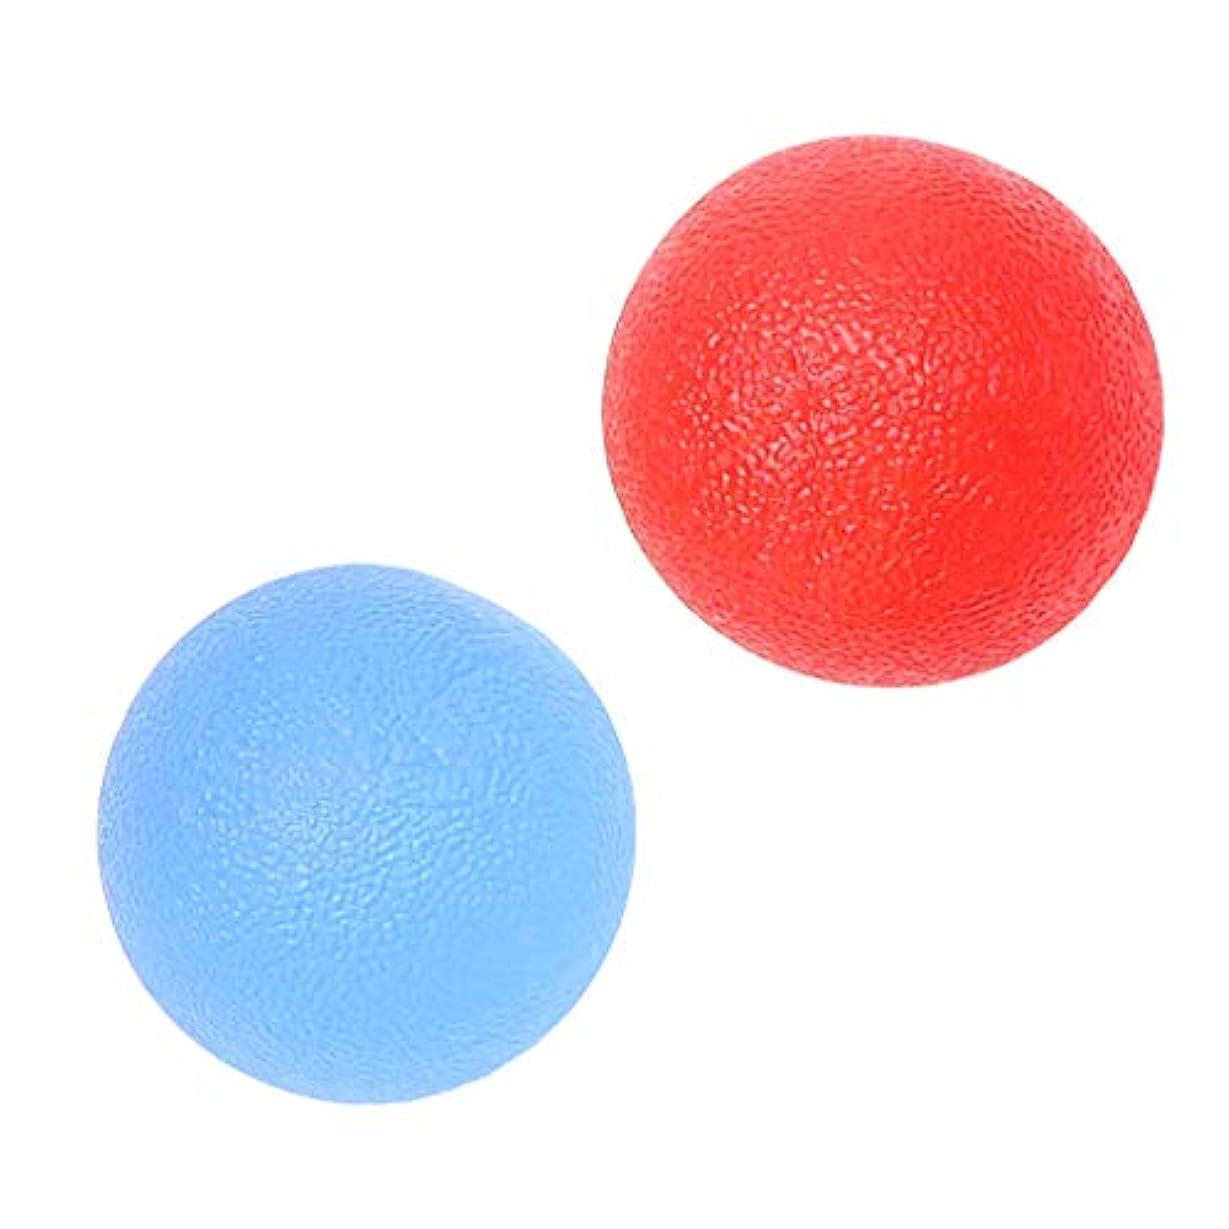 遺体安置所機関車フックBaoblaze ハンドグリップ ボール シリコン マッサージ 指トレーニング ストレス緩和 赤/青 2個入